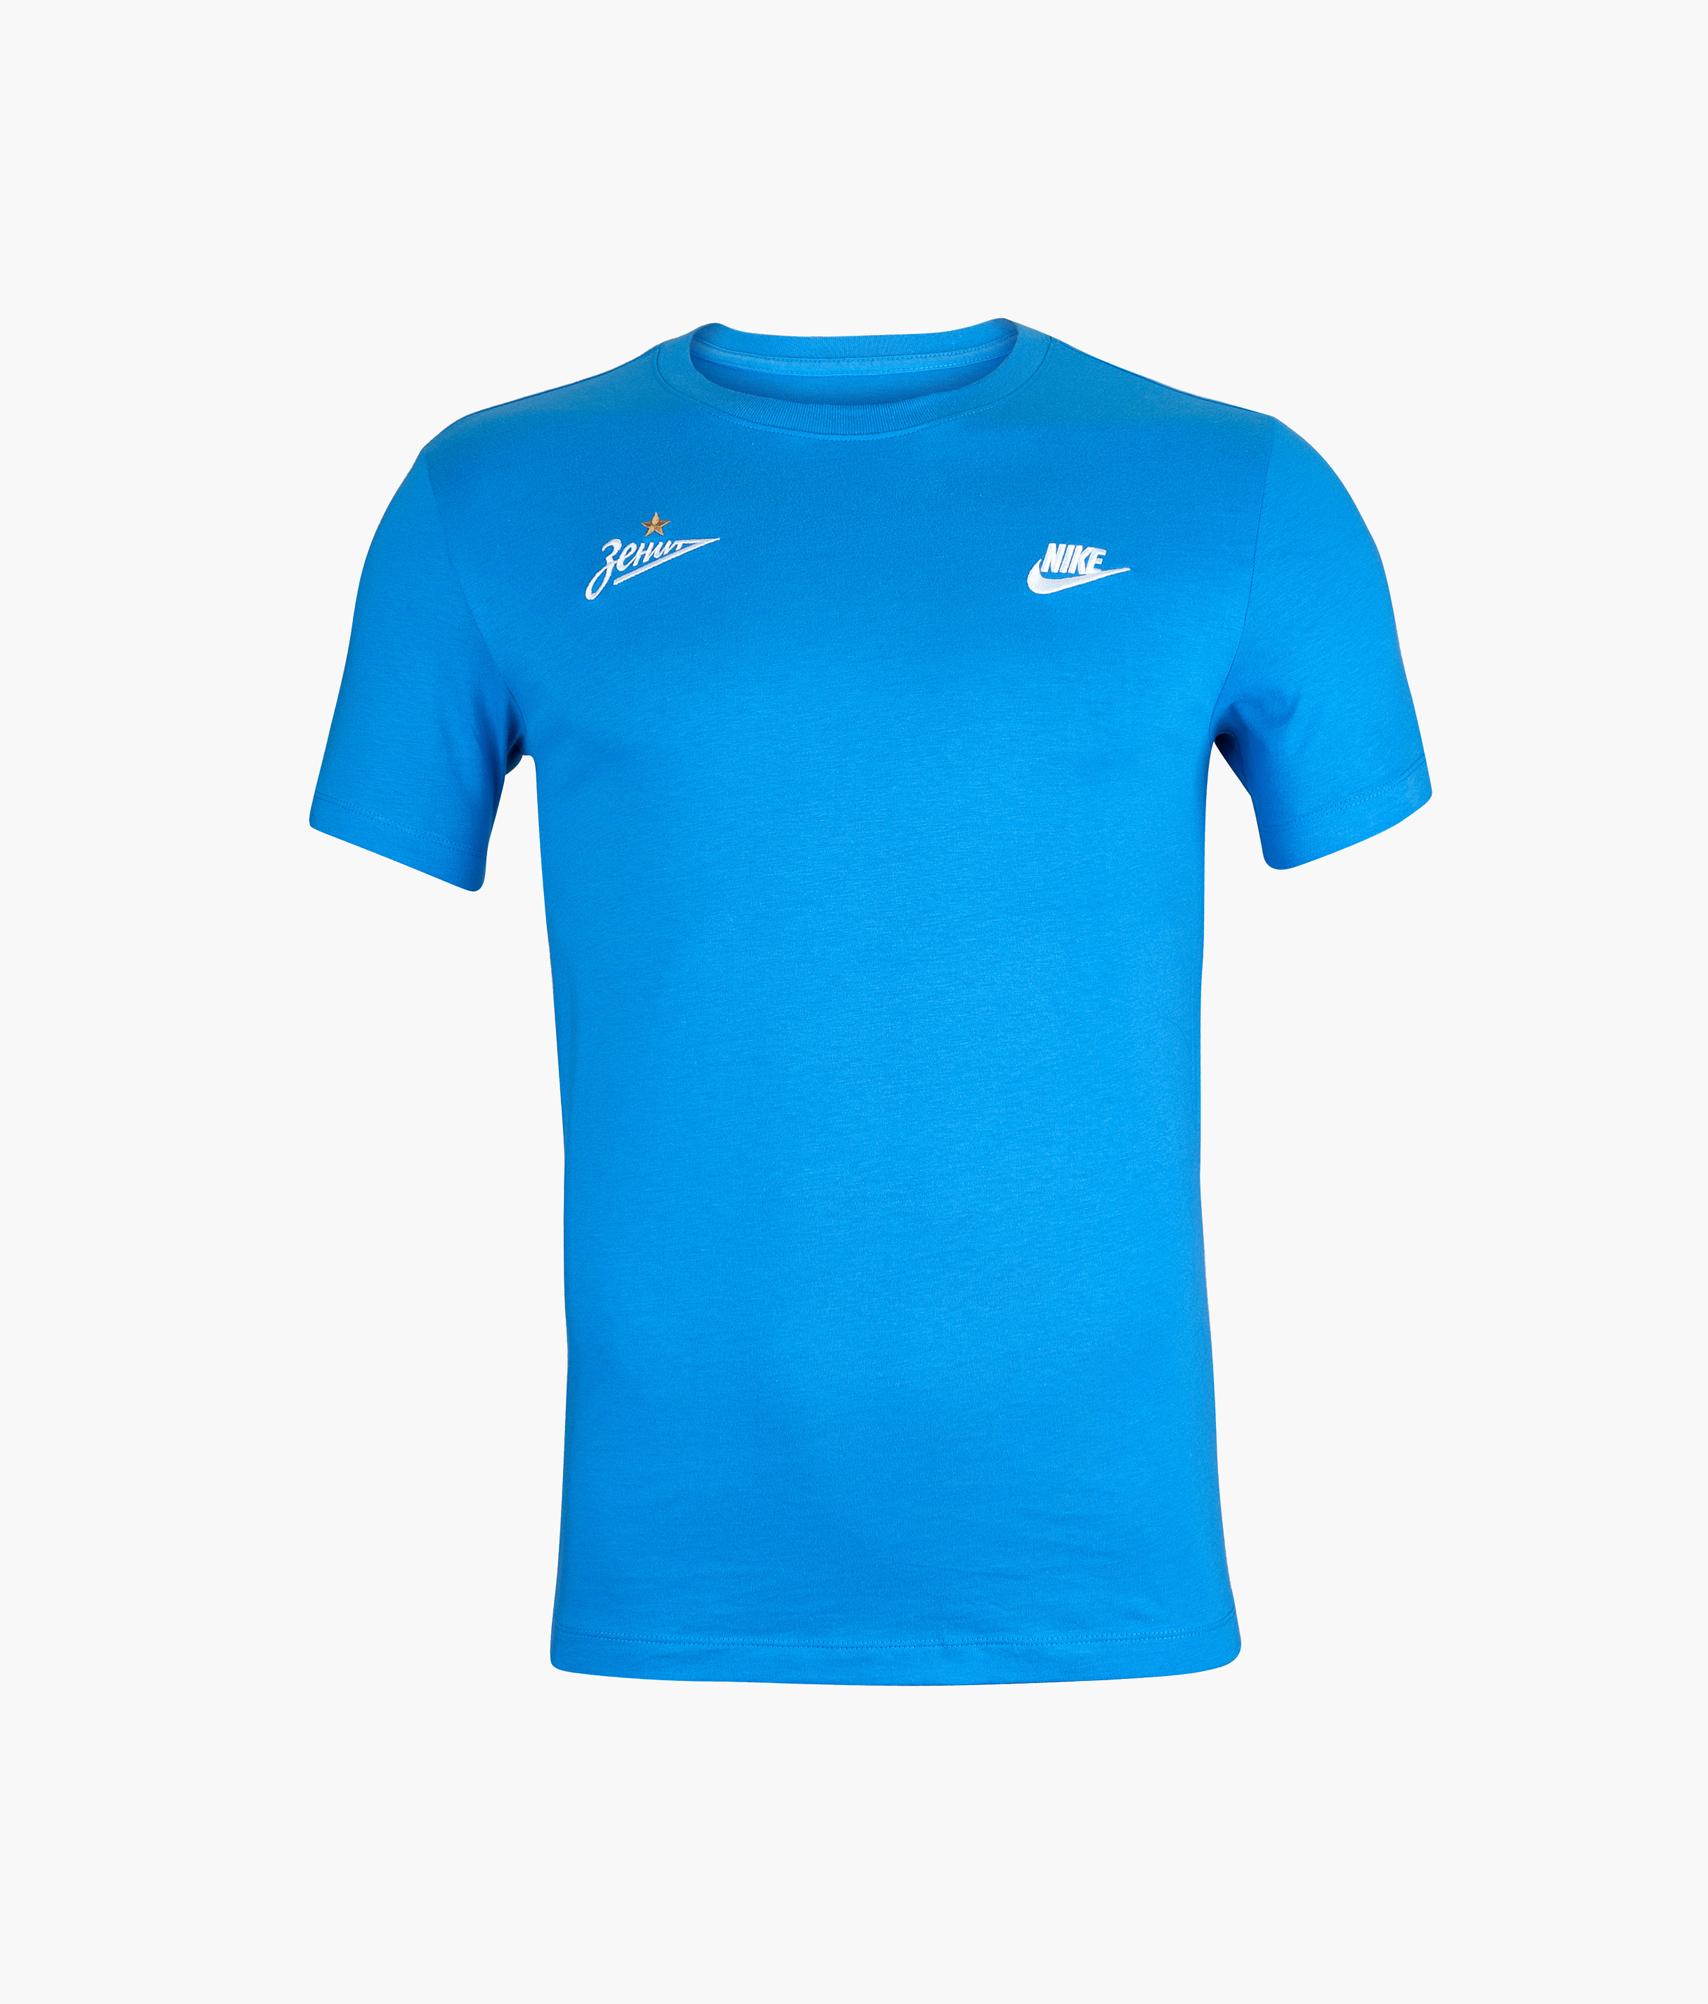 Футболка мужская Nike Цвет-Лазурный